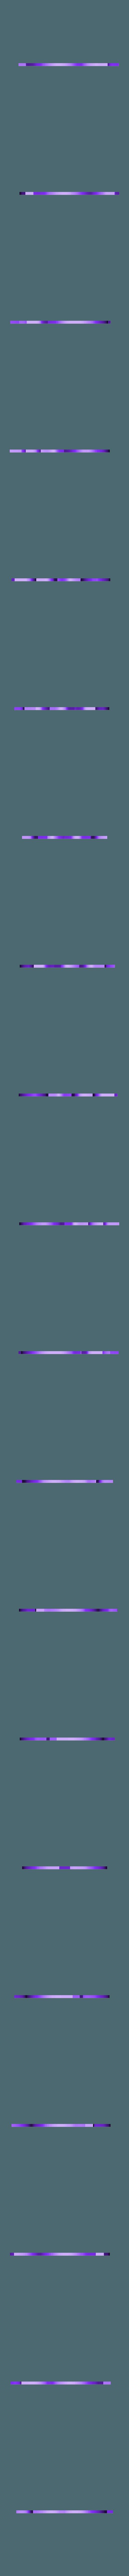 nhl-logo-dual-extruder-part-1.stl Télécharger fichier STL gratuit Logo LNH bicolore • Modèle imprimable en 3D, filamentone